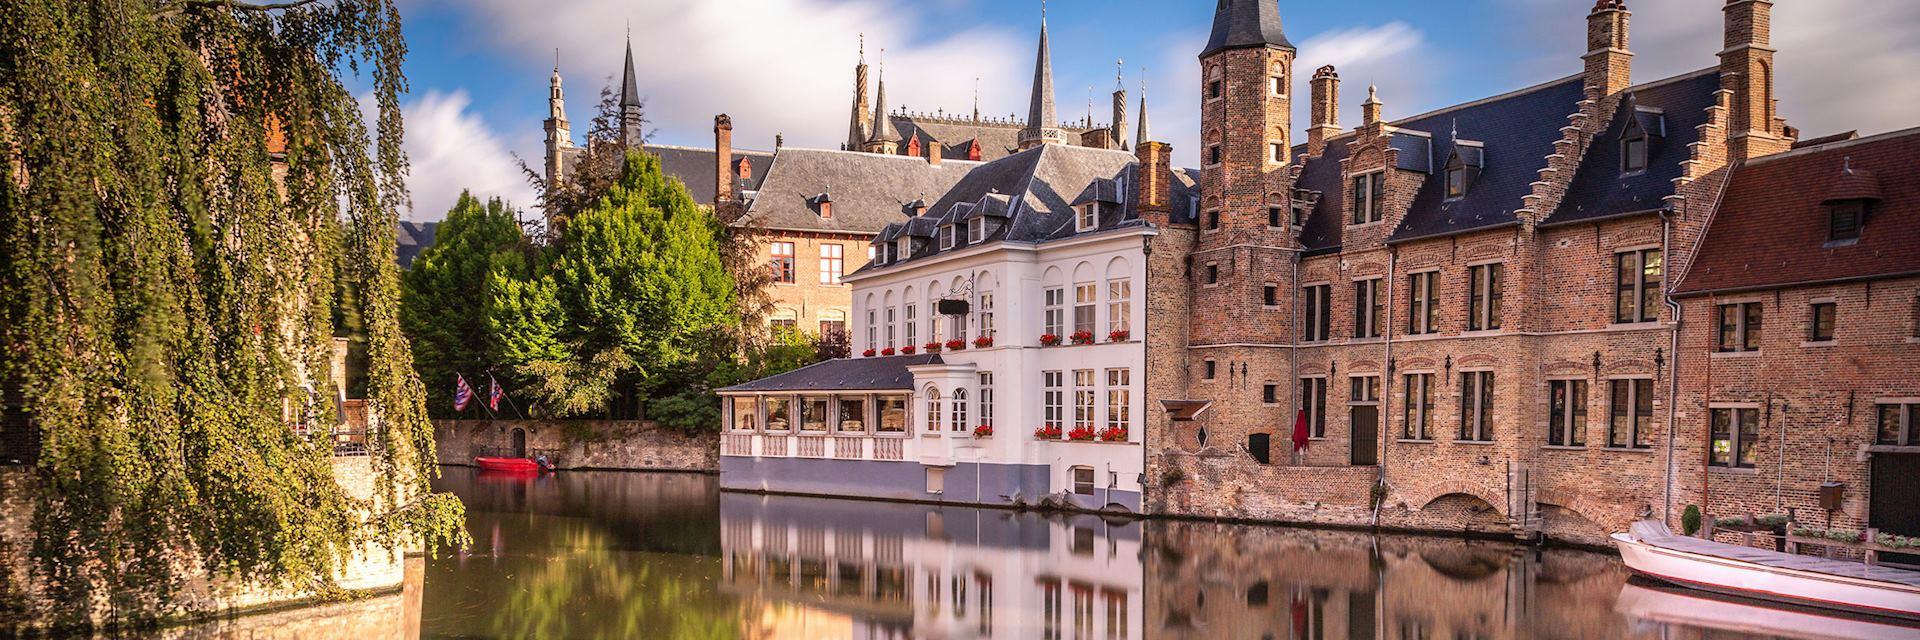 Rozenhoedkaai at sunrise, Bruges, Belgium